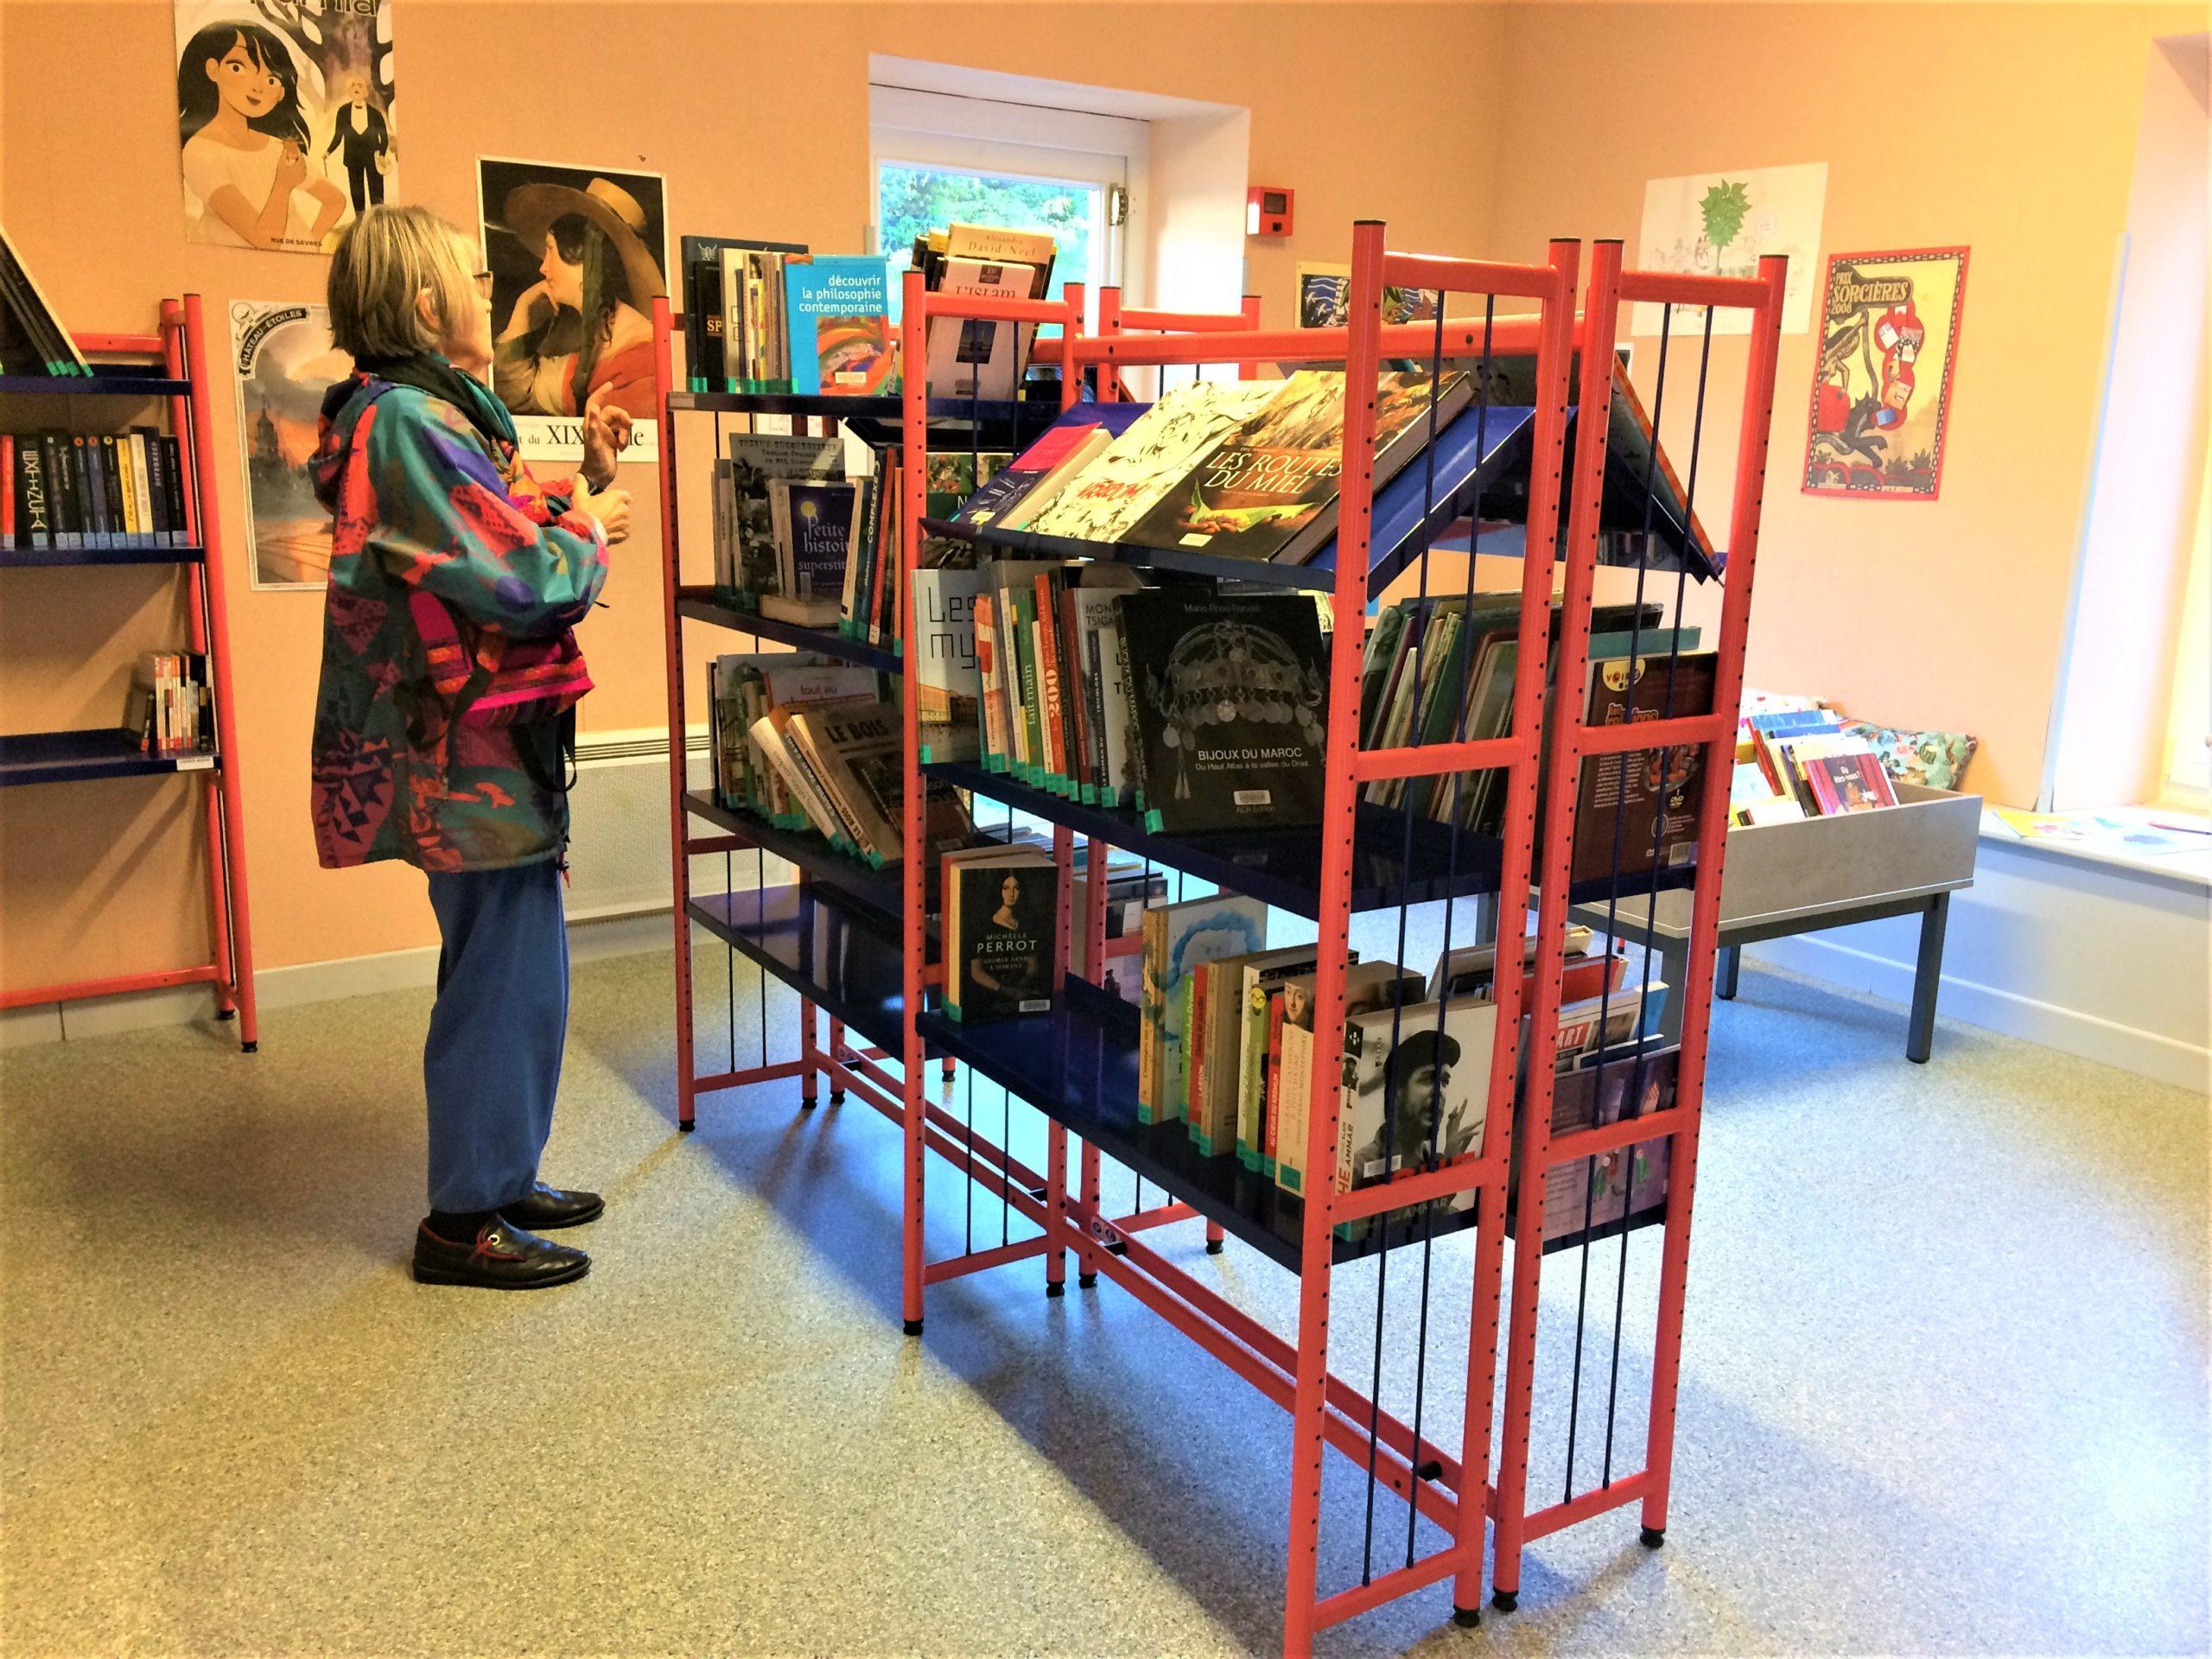 Venez découvrir notre bibliothèque municipale !